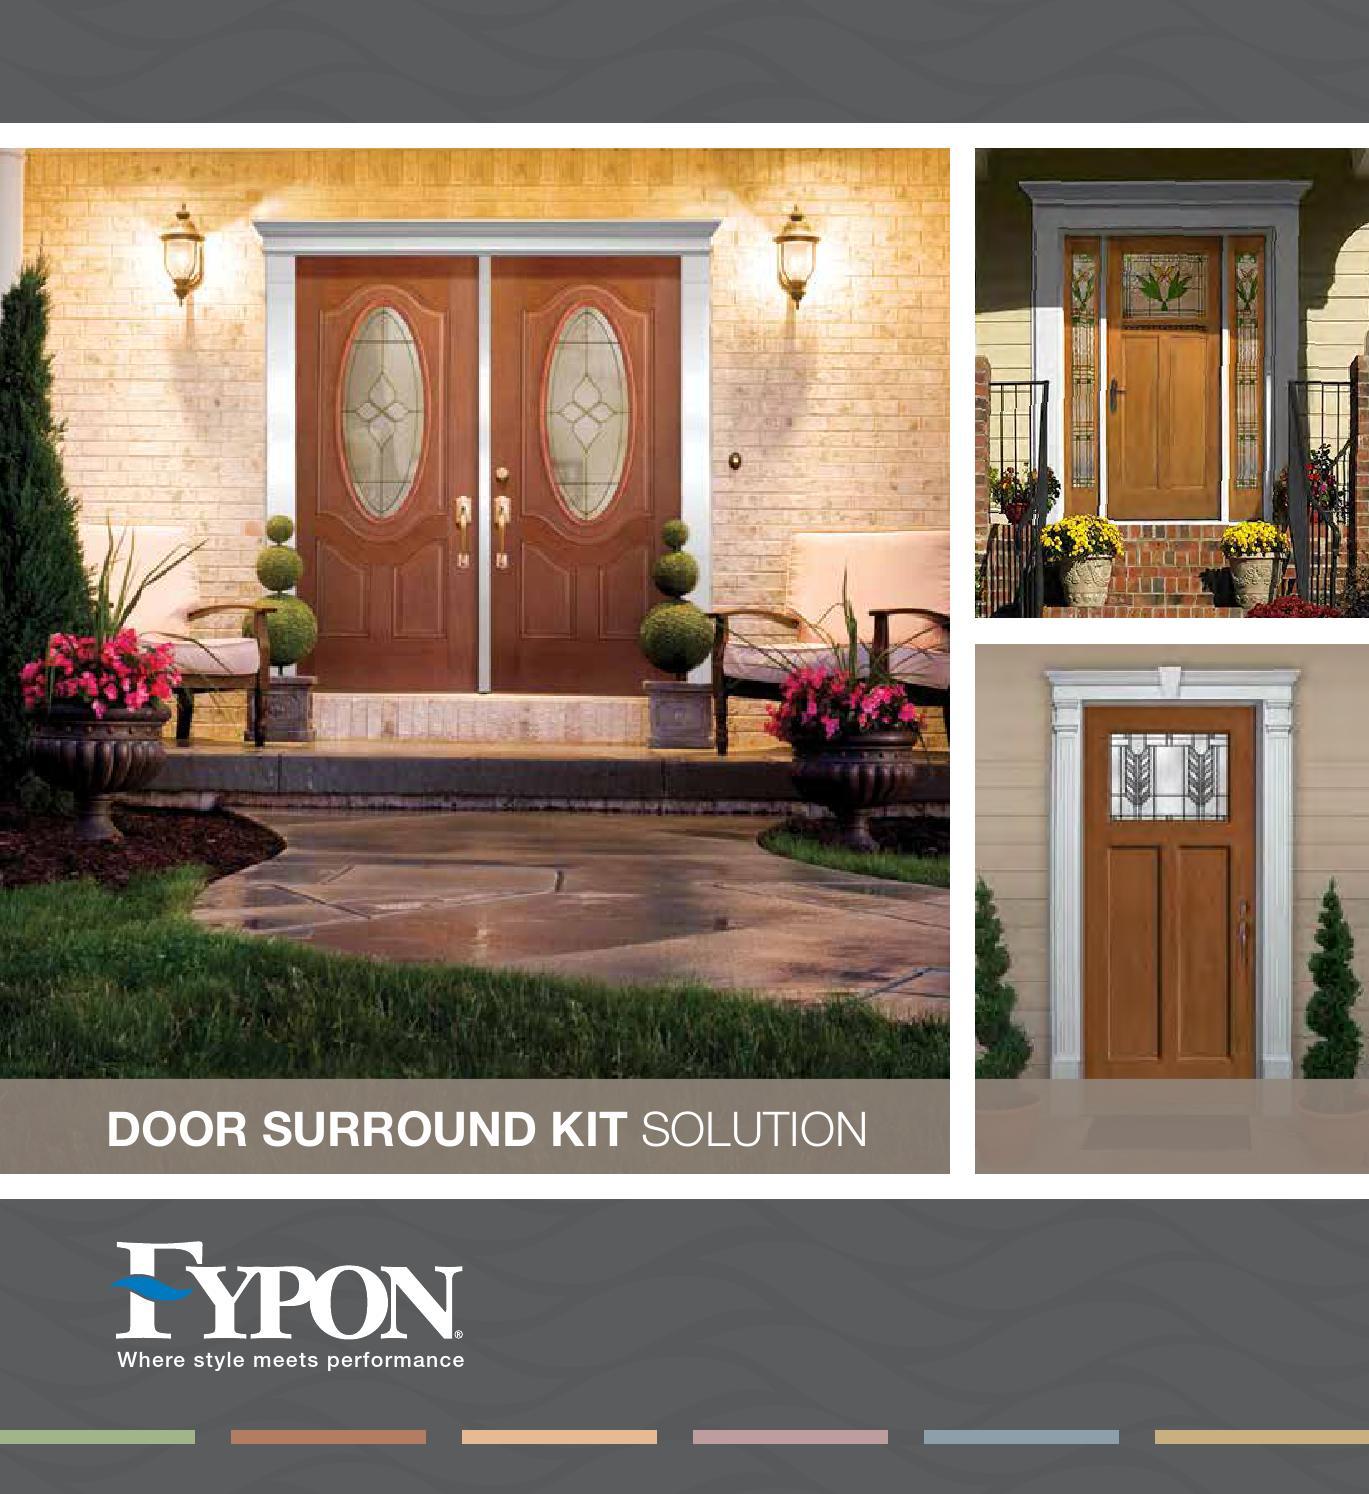 2016 Fypon Door Surround Kit Brochure